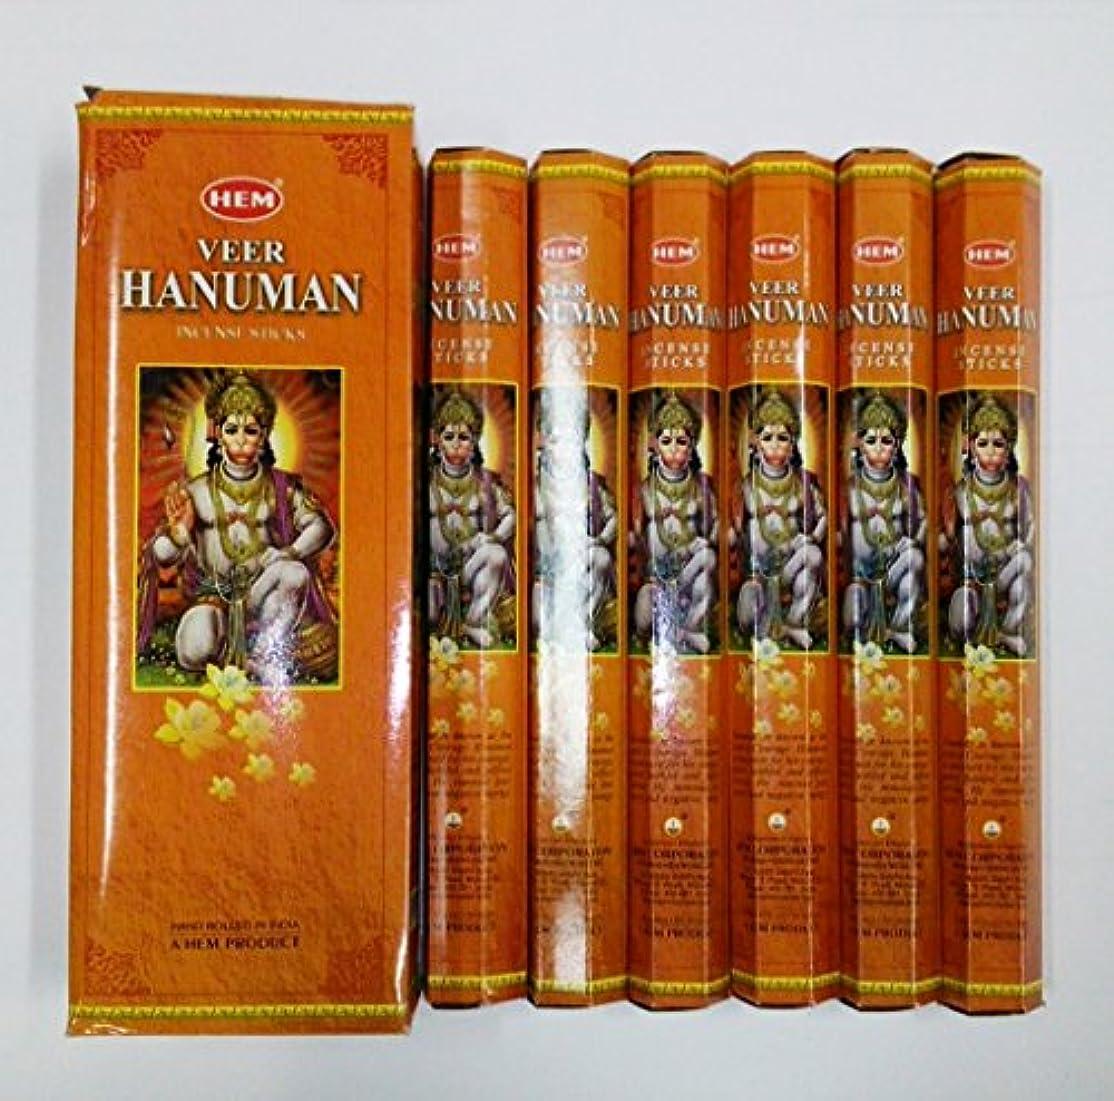 先のことを考えるスムーズに栄養HEM (ヘム) インセンス スティック へキサパック ハヌマーン ハヌマン香 6角(20本入)×6箱 [並行輸入品] Hanuman